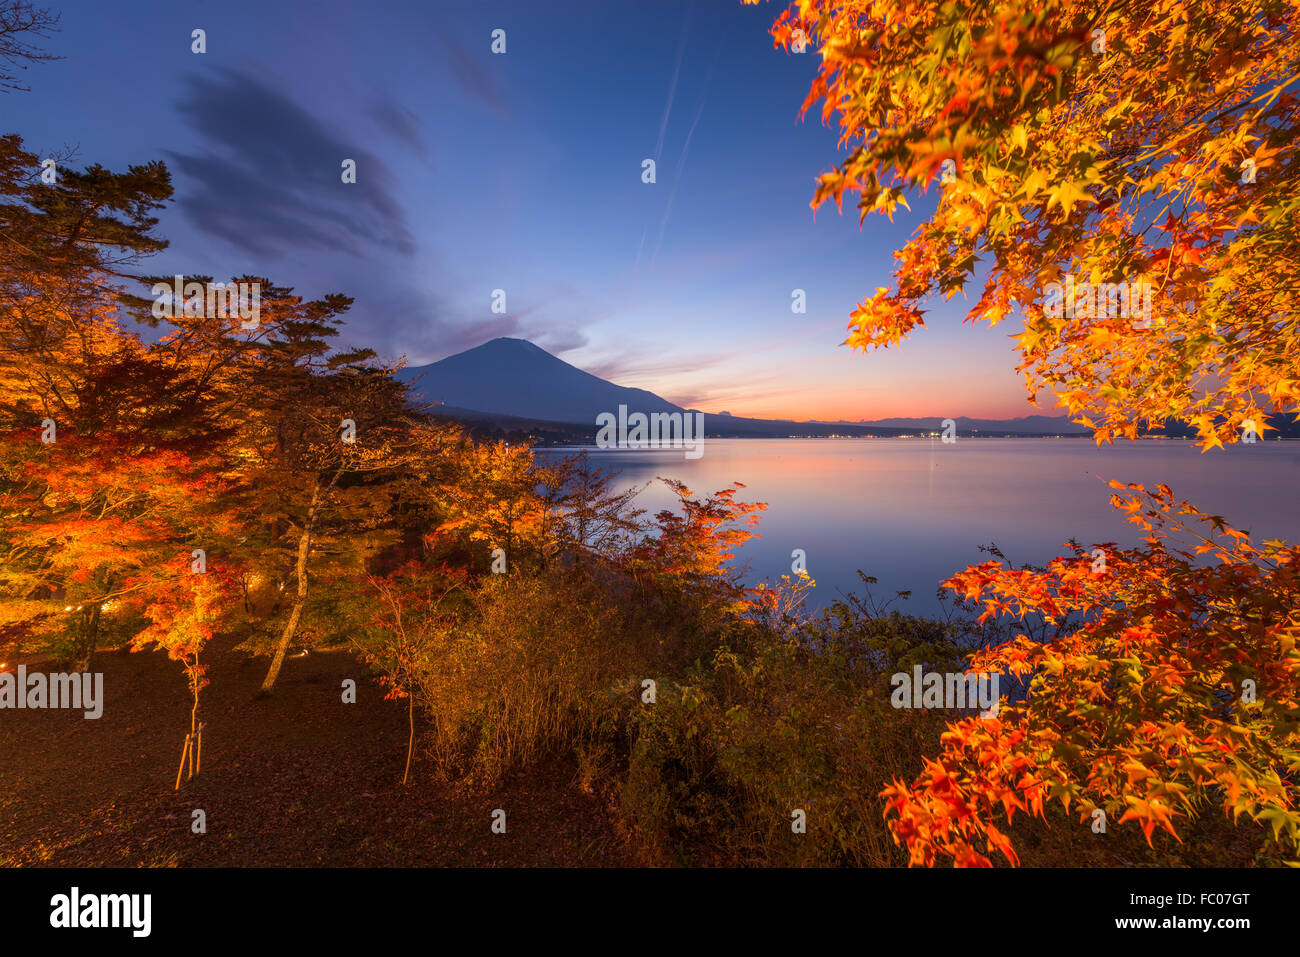 Mt. Fuji, Giappone durante l'autunno dalla riva del lago Yamanaka. Immagini Stock